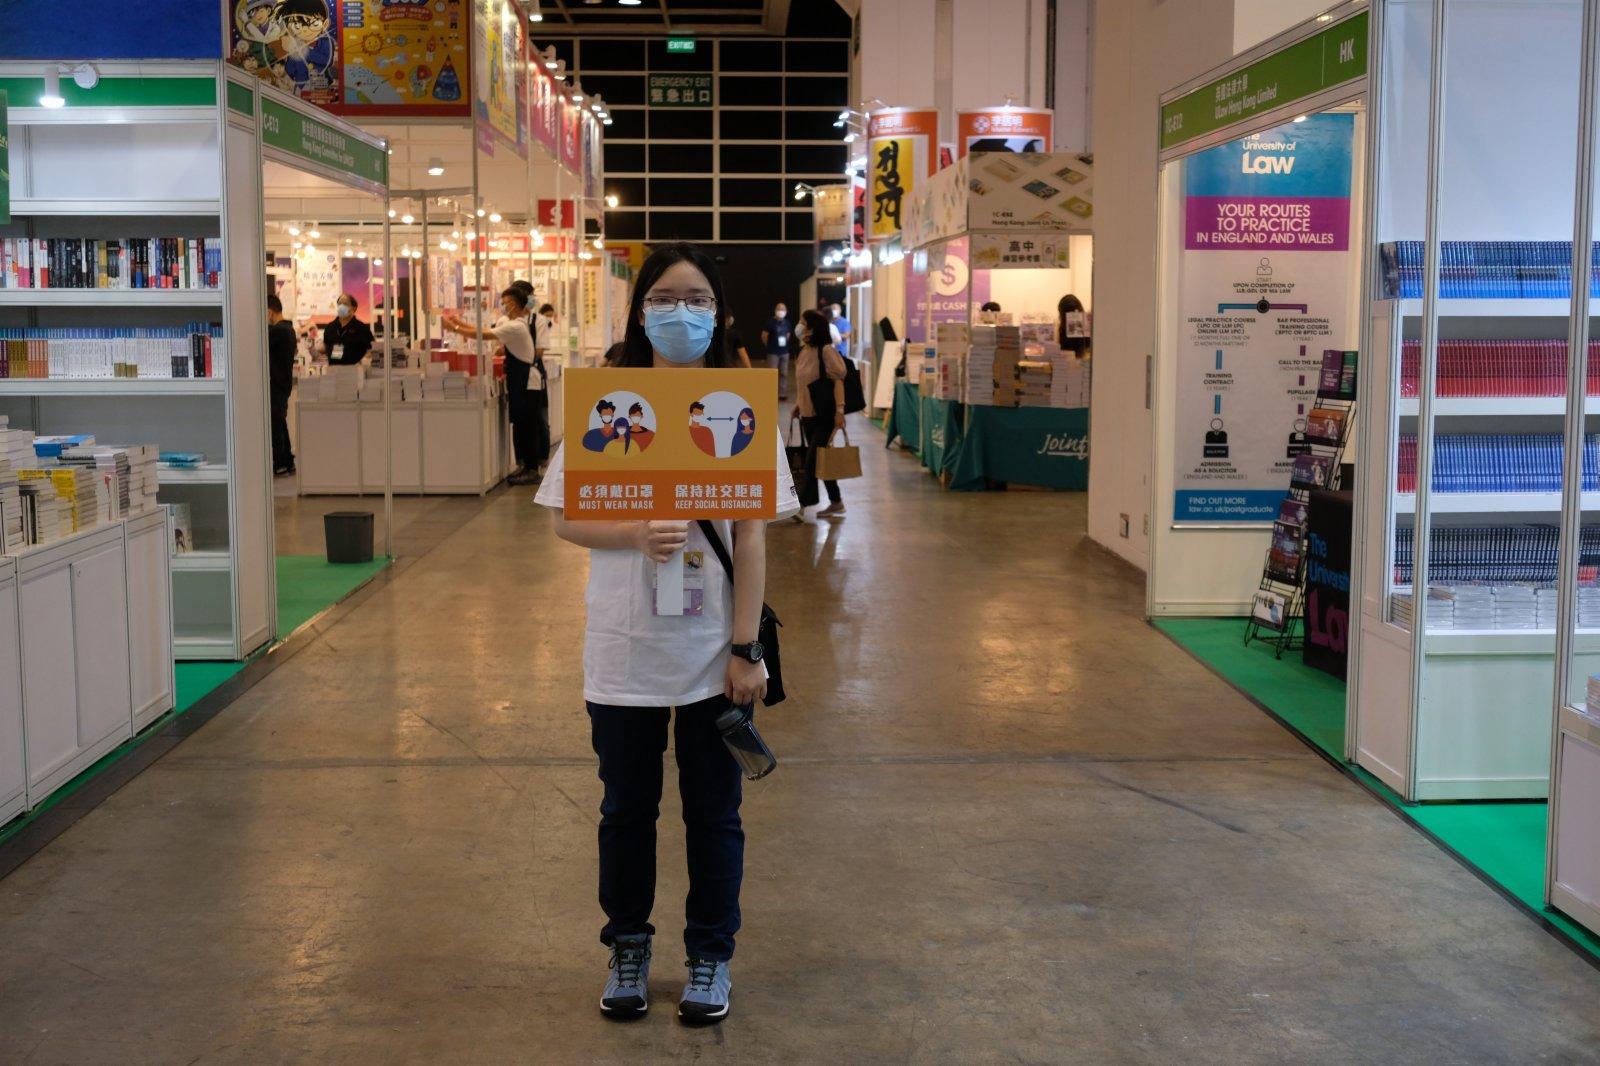 工作人員手持寫有「必須戴口罩、保持社交距離」標語的牌子,呼籲參展市民做好防疫措施。(記者麥鈞傑攝)